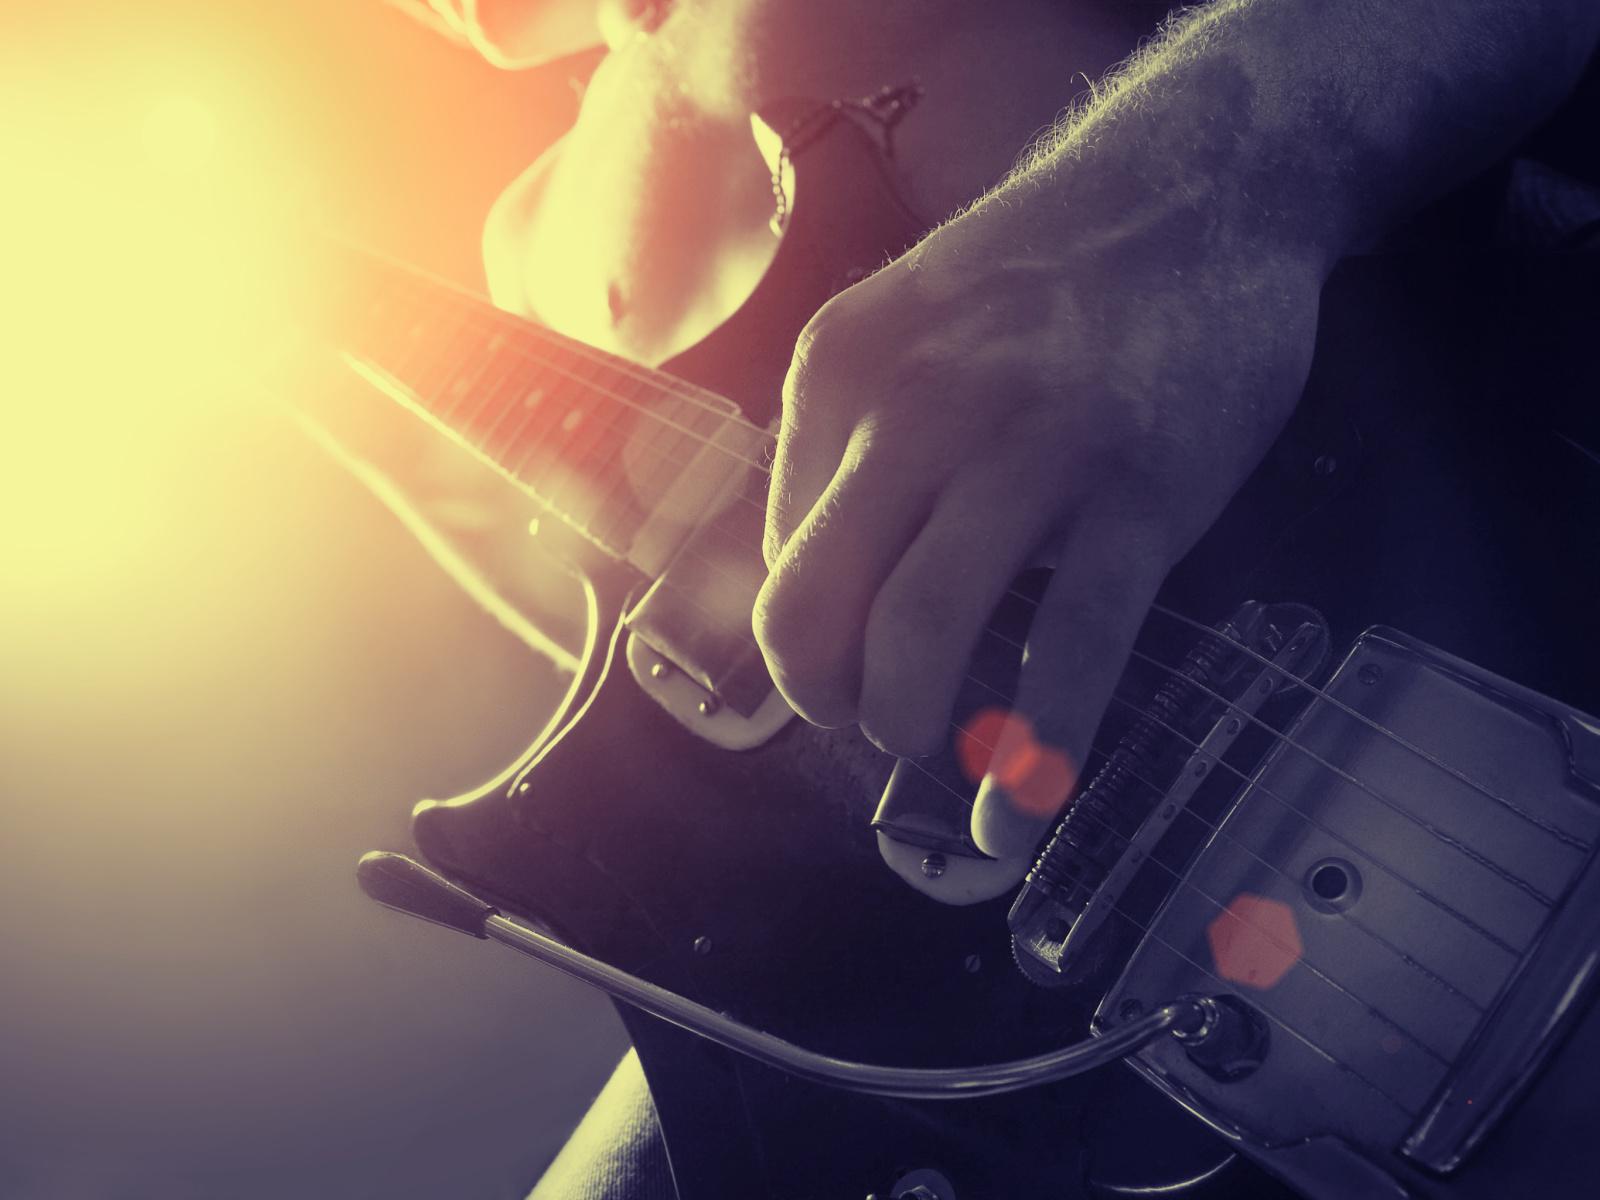 музыка картинки знакомства на телефон